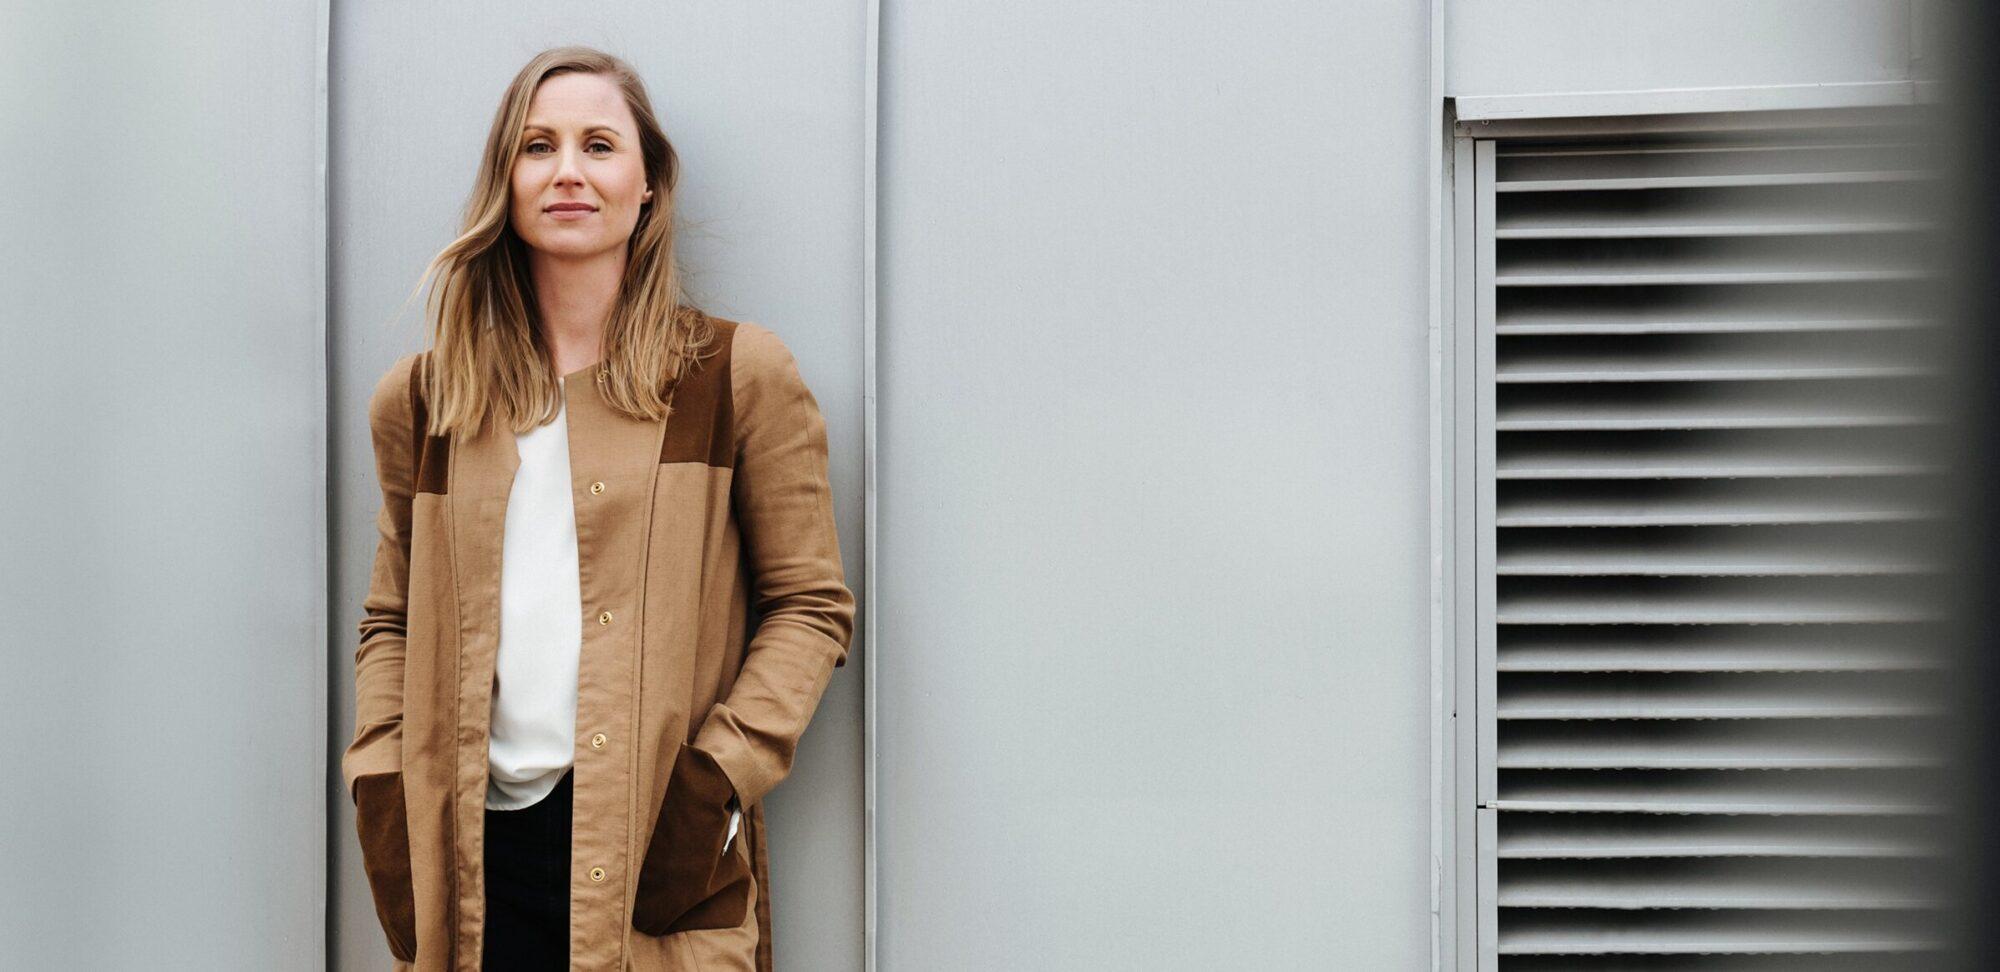 Framåt och orädd klev hon ombord som HR-direktör hos växande mobiloperatören Tre mitt under pandemin